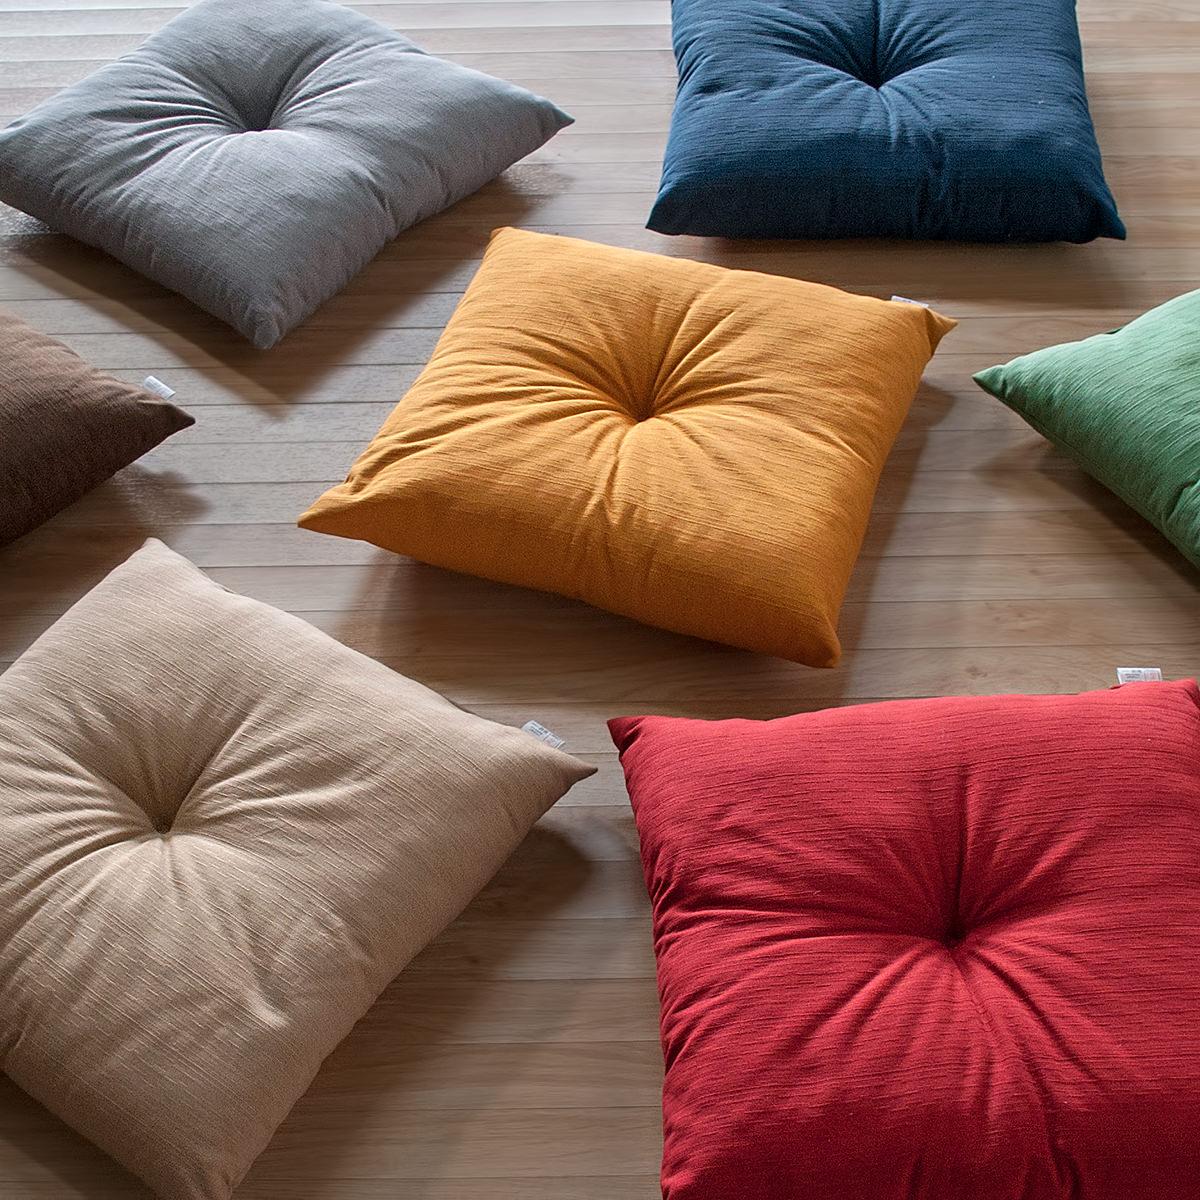 紬(つむぎ)風なので和室にぴったり 豊富な7色のカラー展開 クッション 椅子 45×45 シートクッション 本体 コットンツムギ 和室 和風 和調 紬調 綿100% 素縫い ひもなし 両面共生地 1点どめ ポリエステルわた ダイニングチェアーの座面クッションやベンチクッションとして 日本製